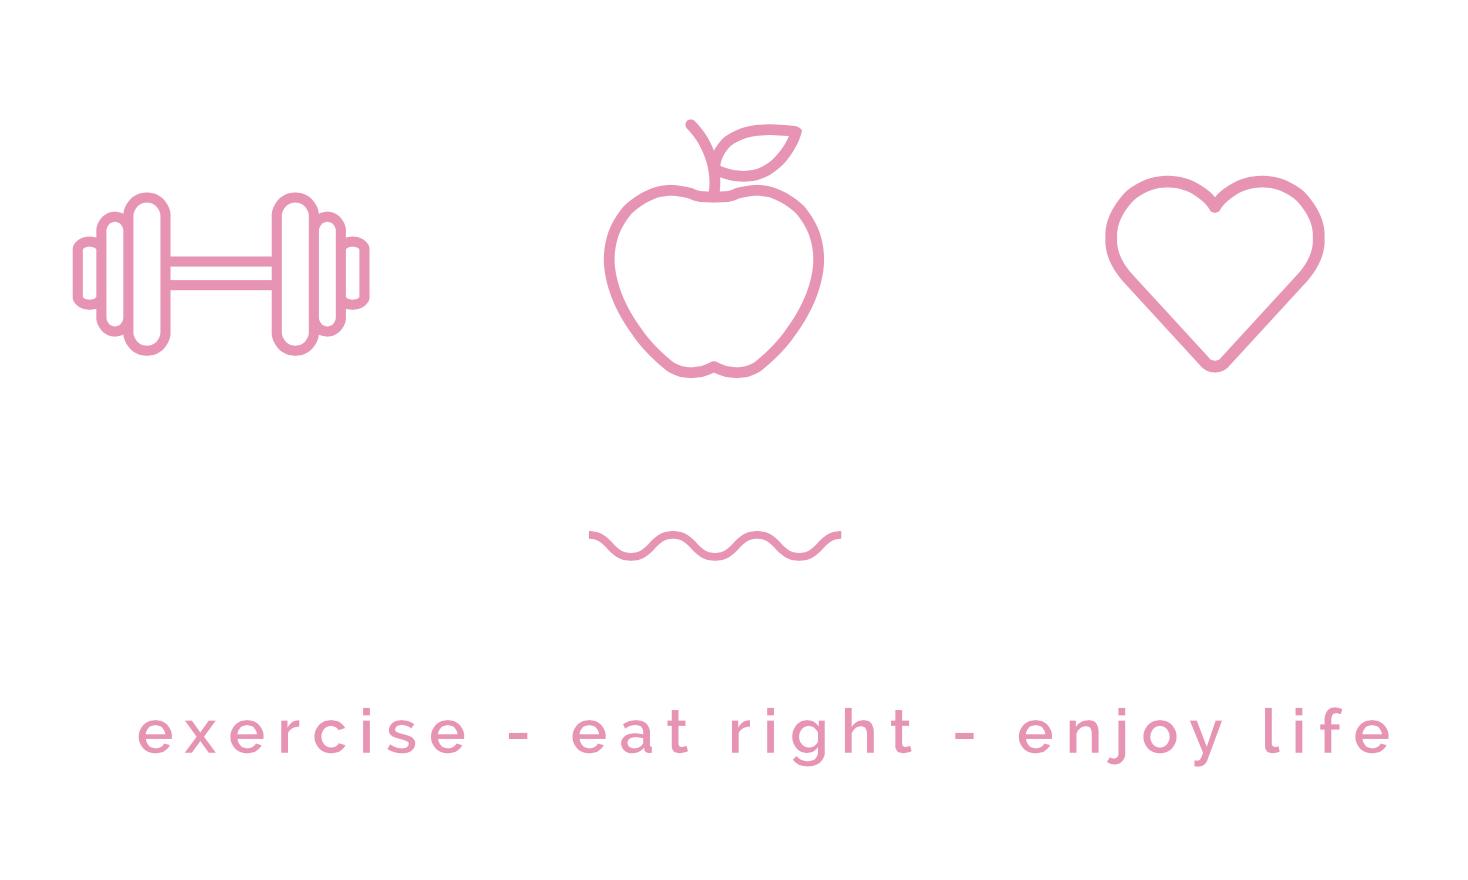 Amy Van Liew Exercise Eat Right Enjoy Life